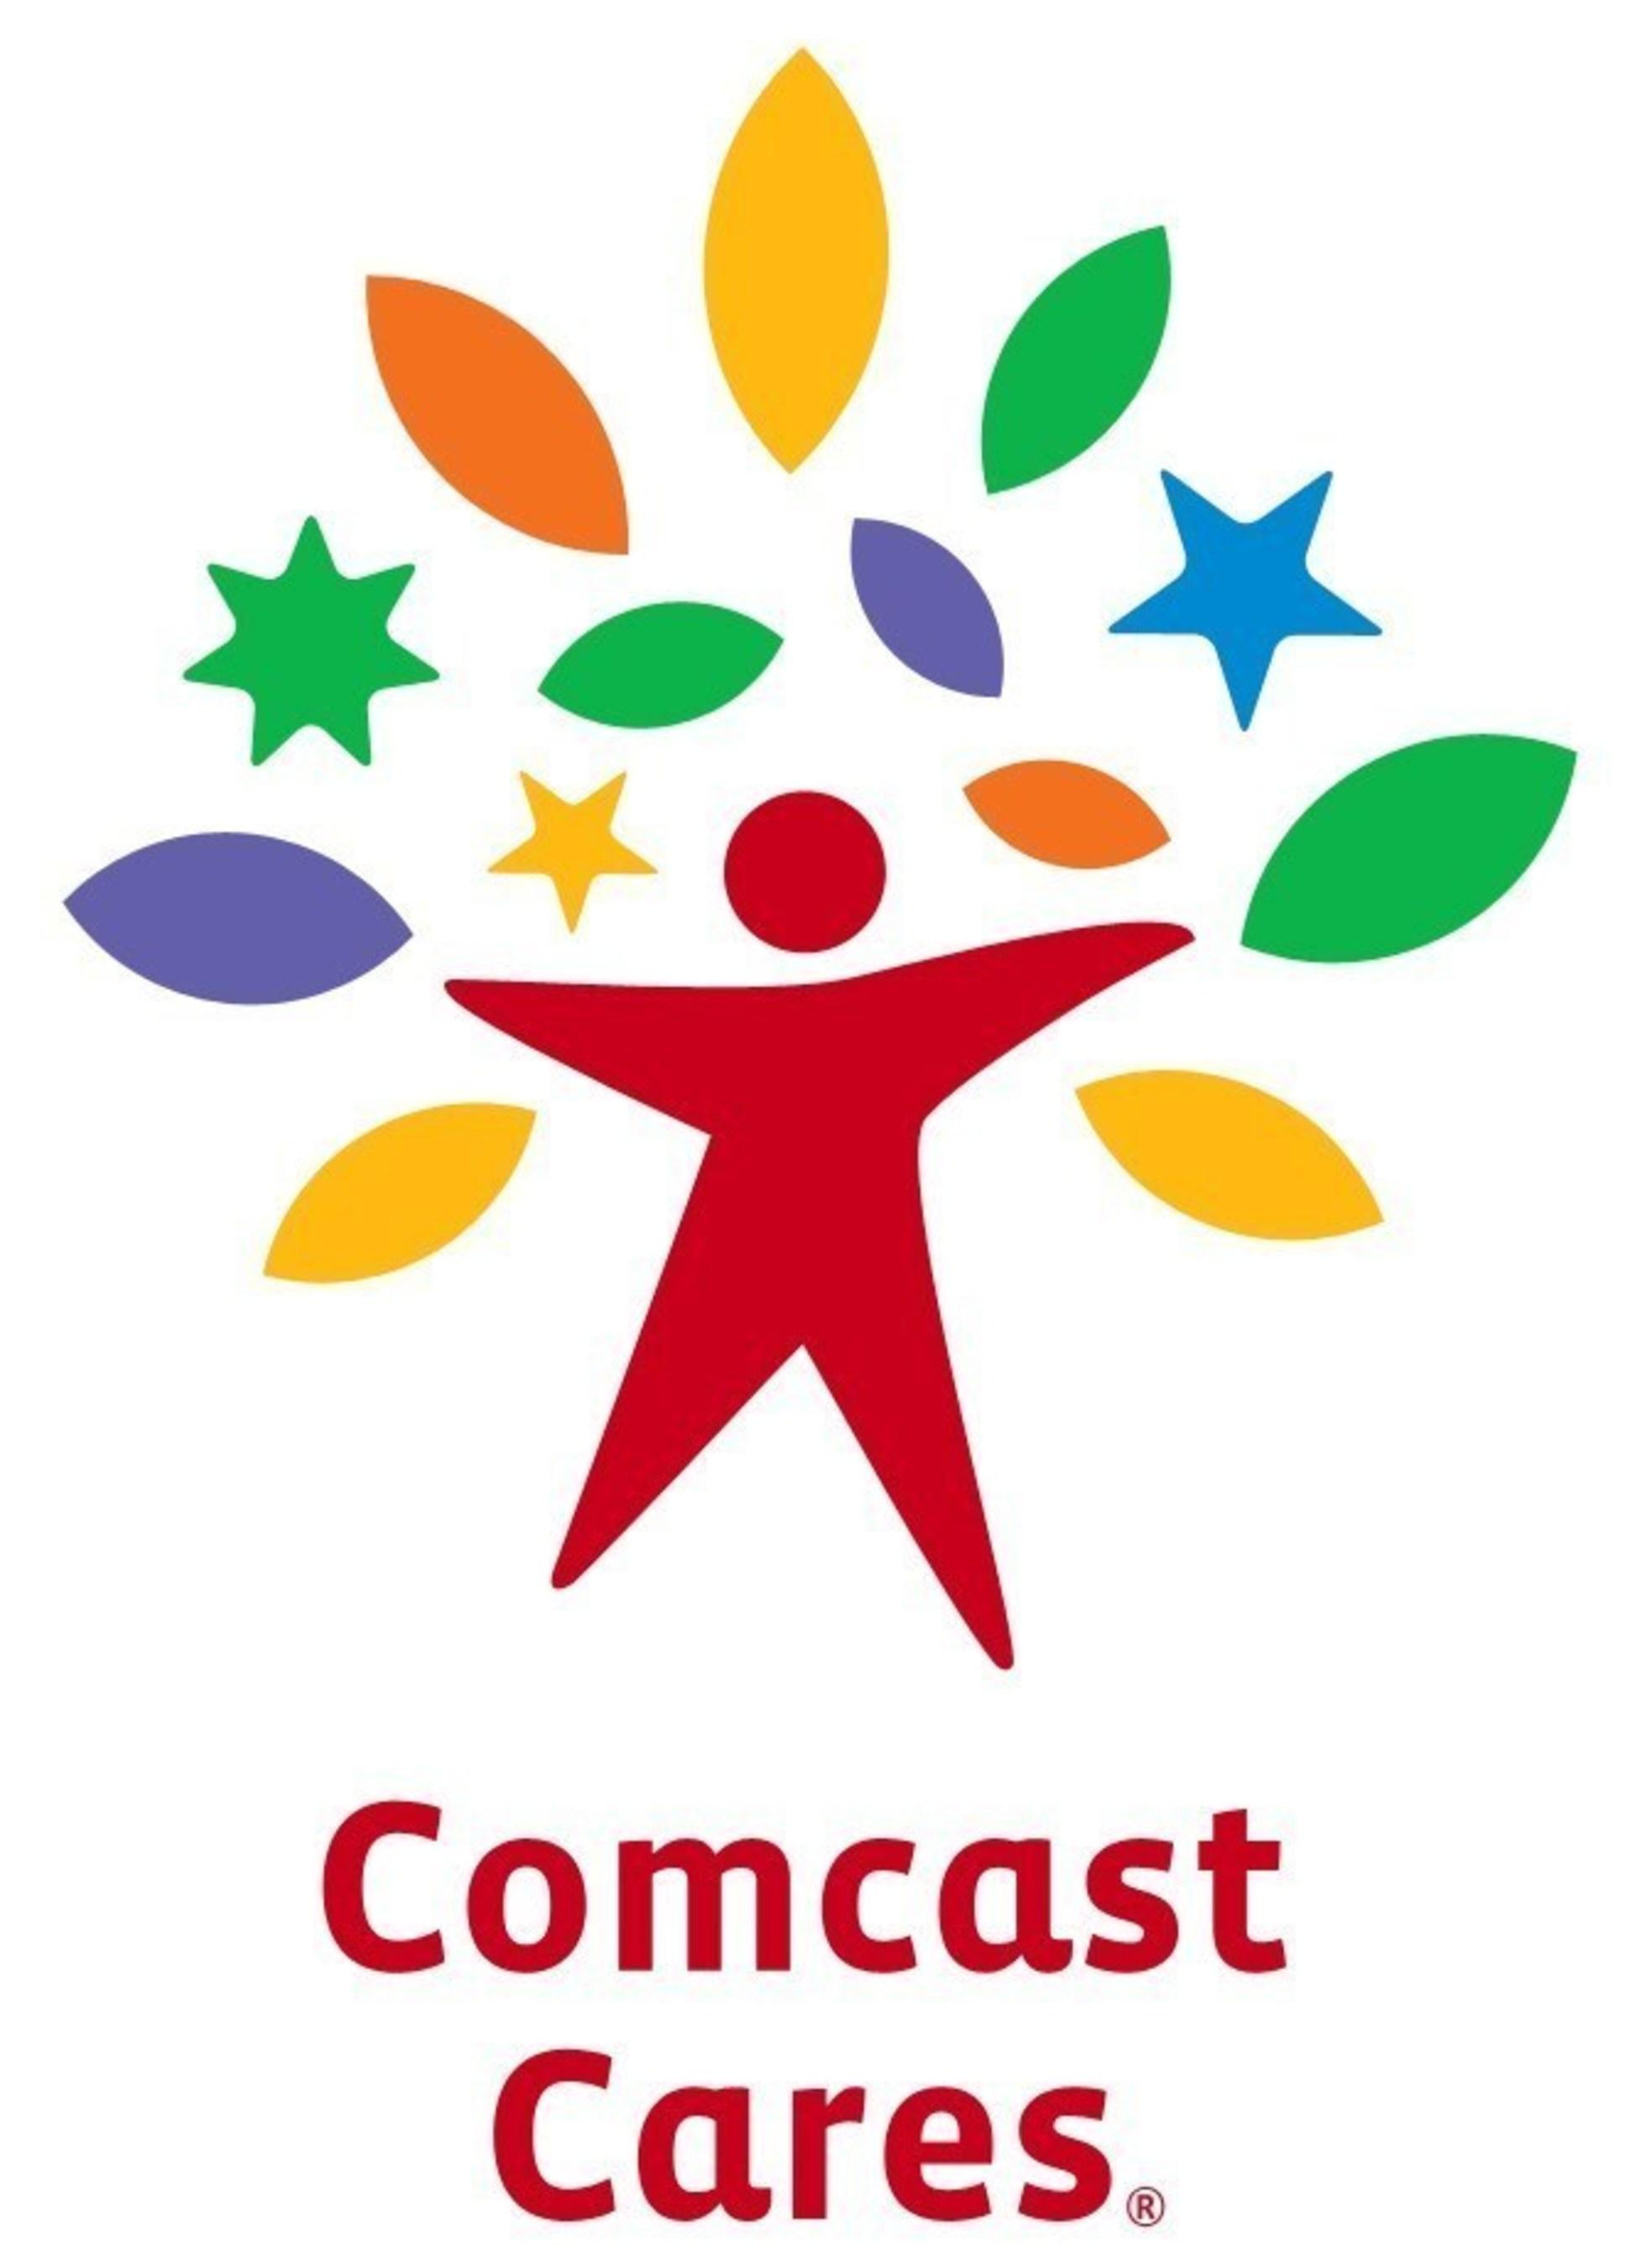 Comcast Cares logo